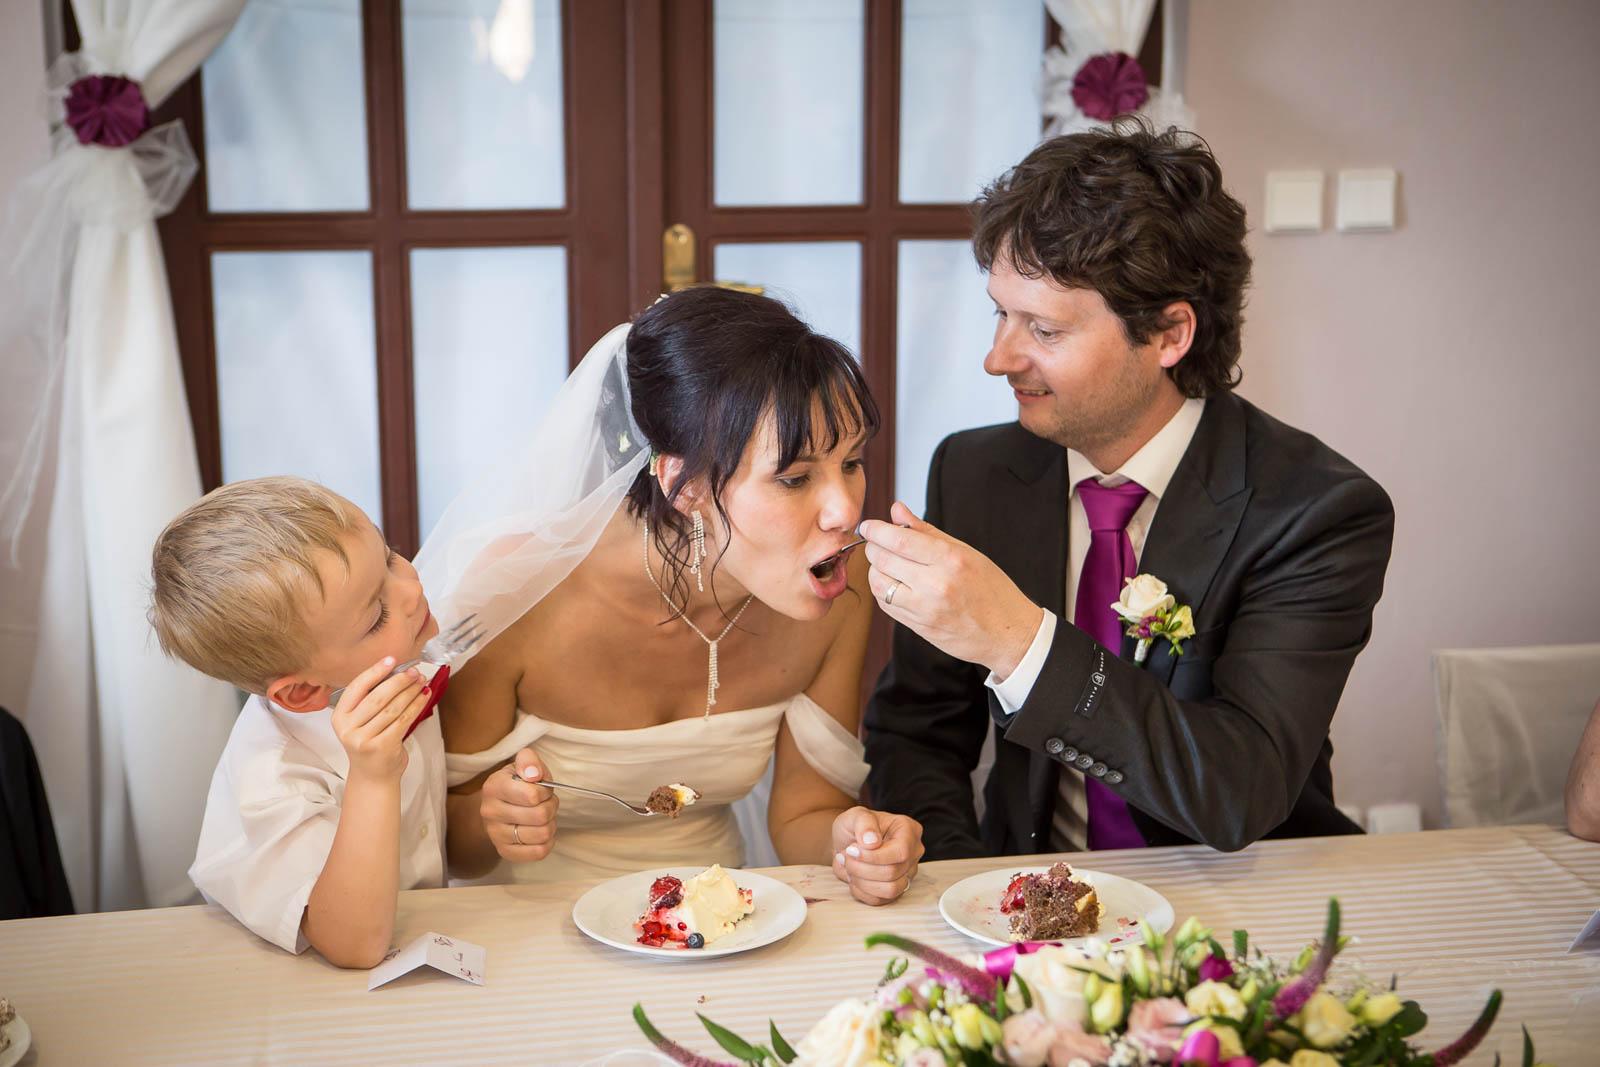 Svatební-fotografie-Mirka-a-Petr-svatební-fotograf- svatebni-kameraman-studio-Beautyfoto-Jižní-Čechy-Zvíkov-Orlík-svatební-videobeautyfoto-88